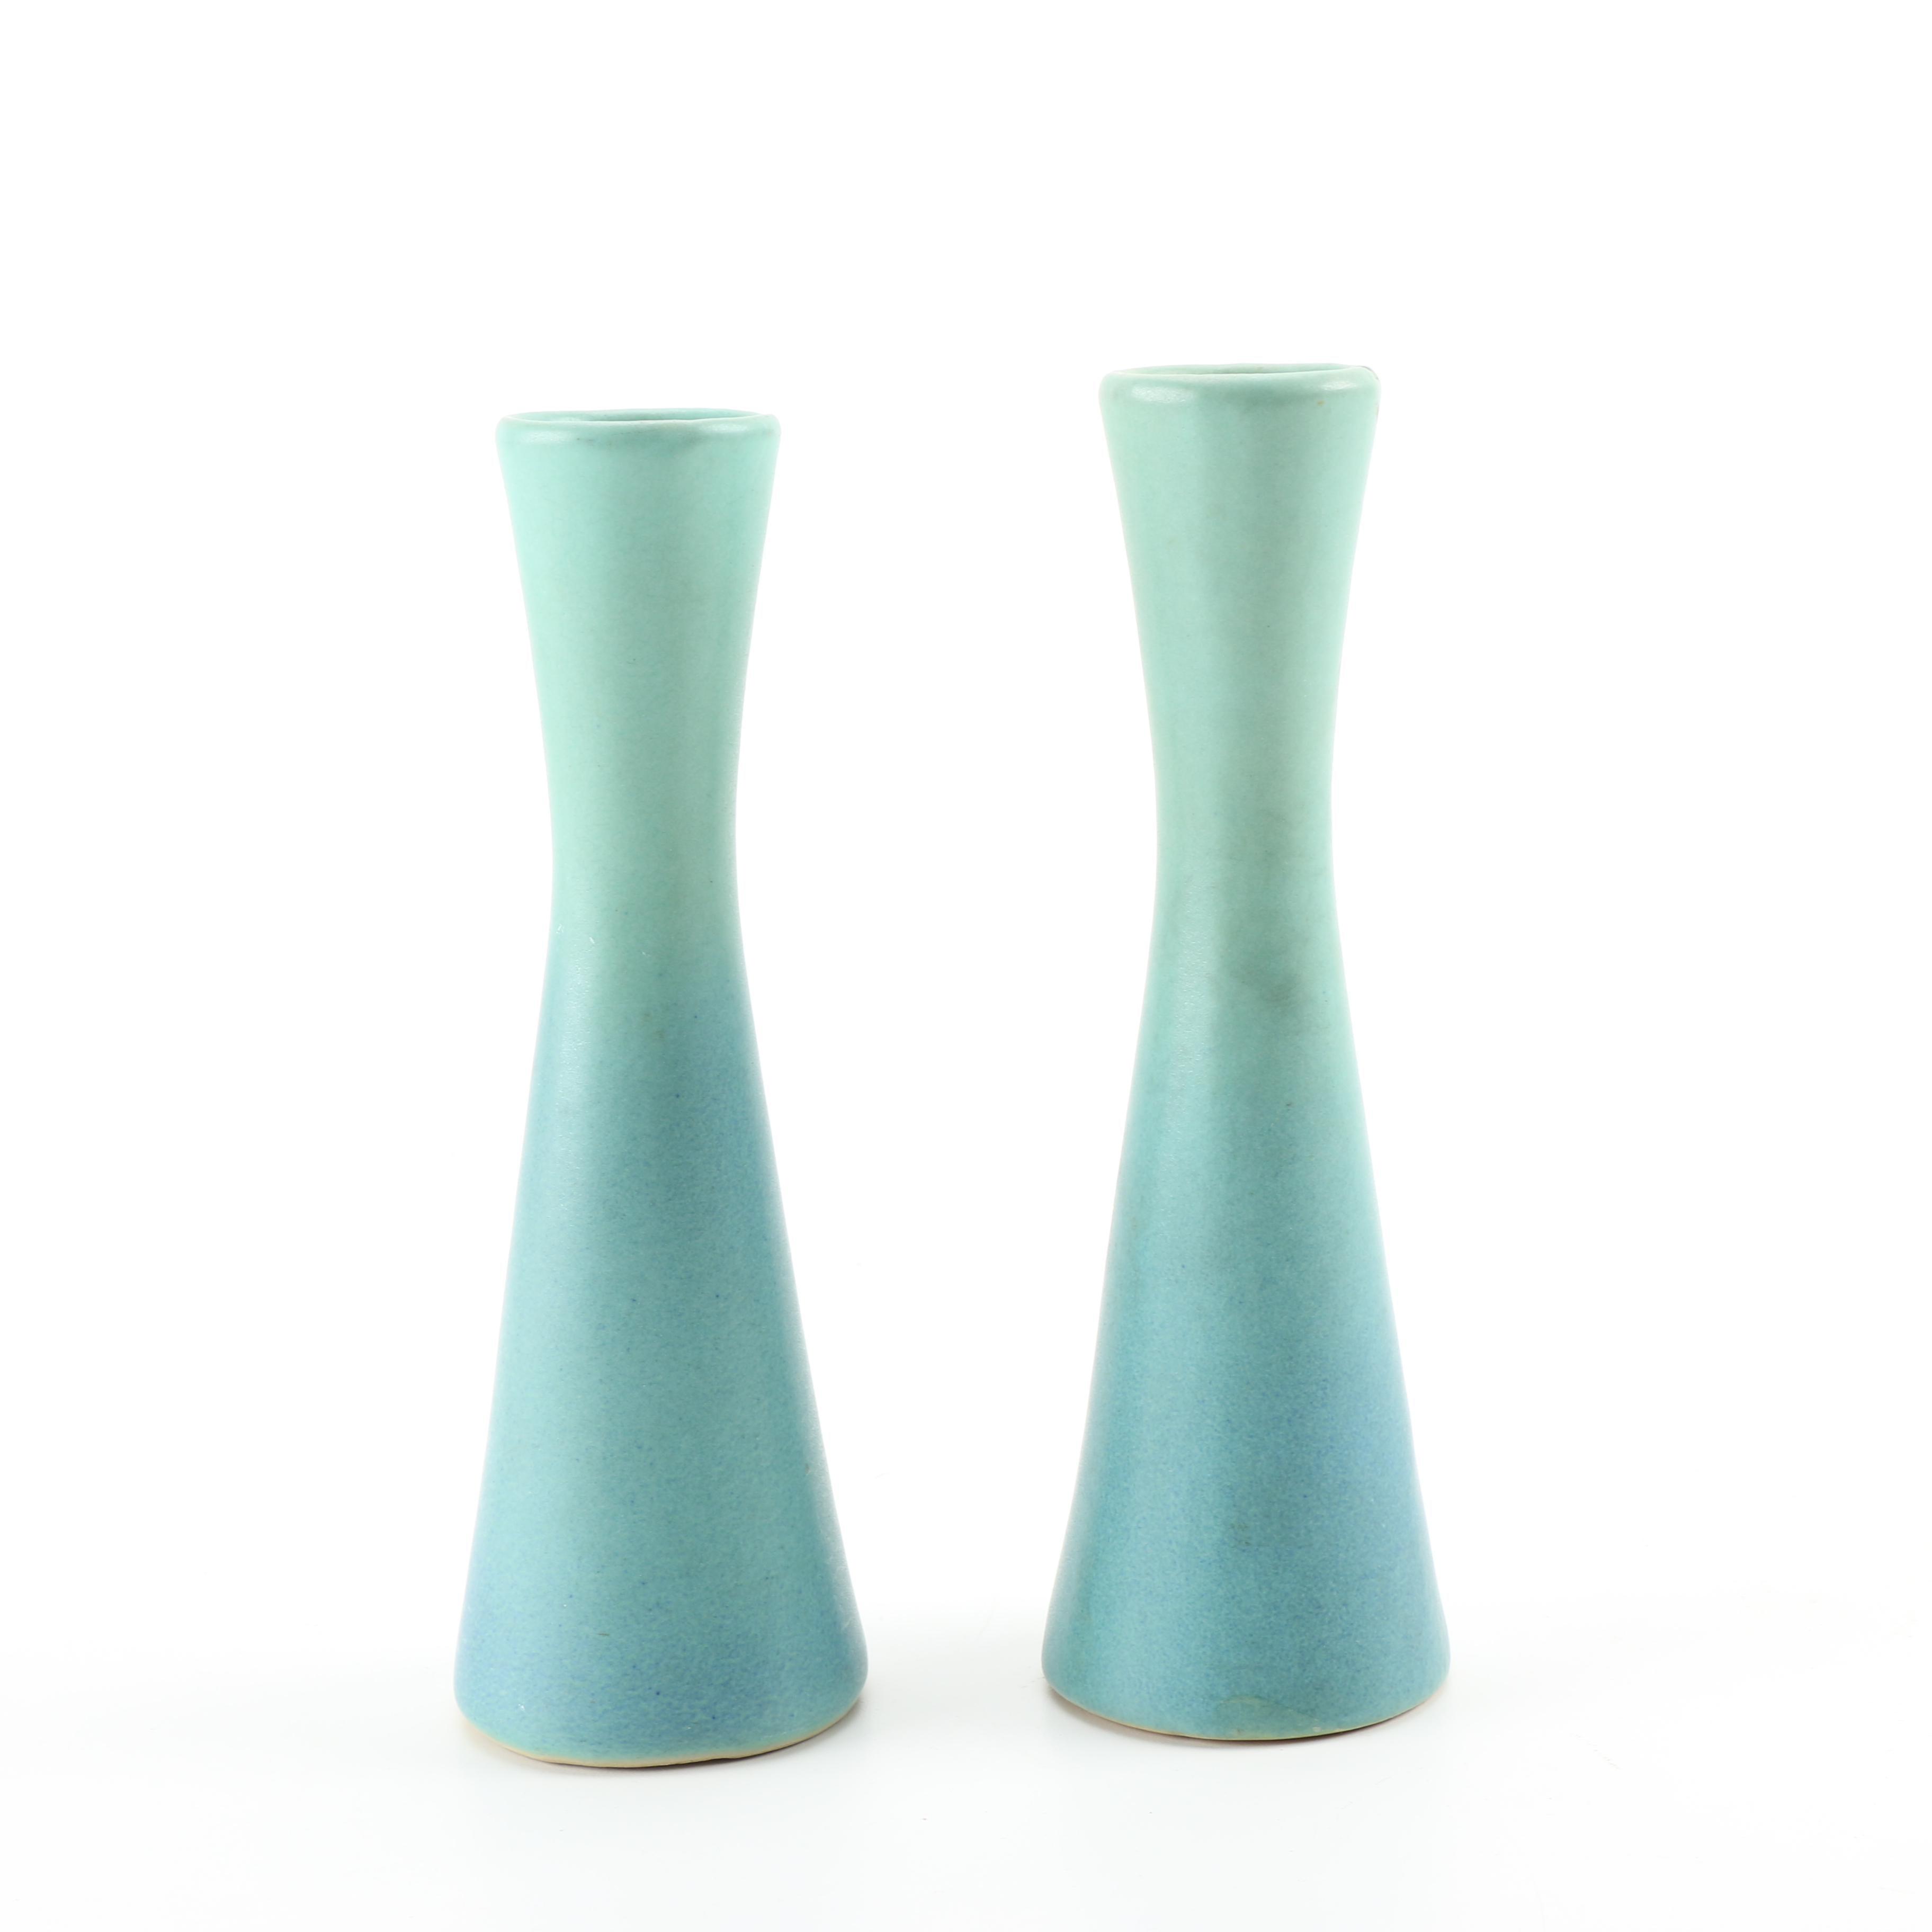 Pair of Van Briggle Pottery Vases